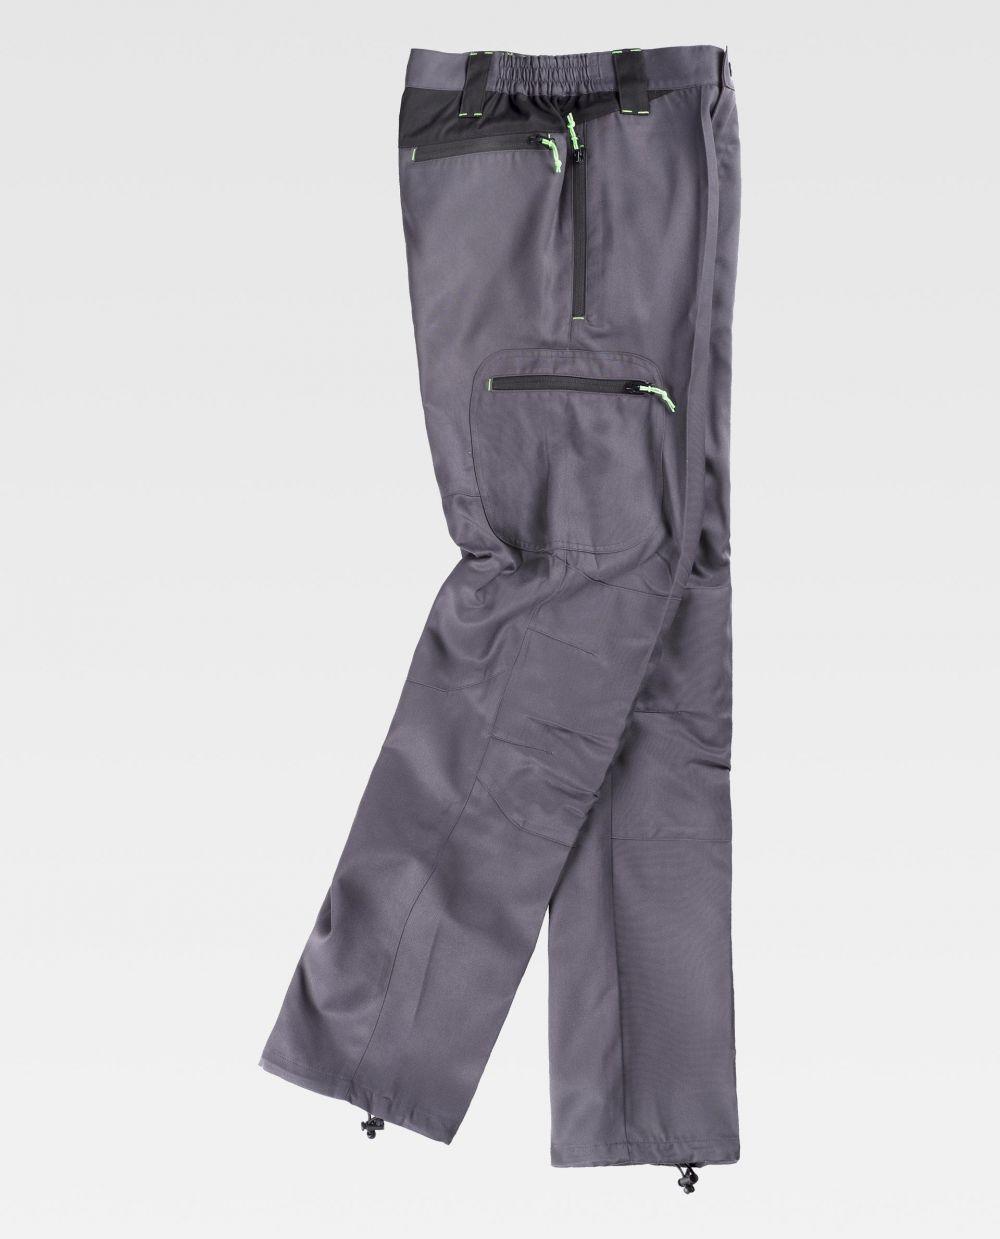 Pantalones de trabajo workteam s9880 de poliéster vista 2